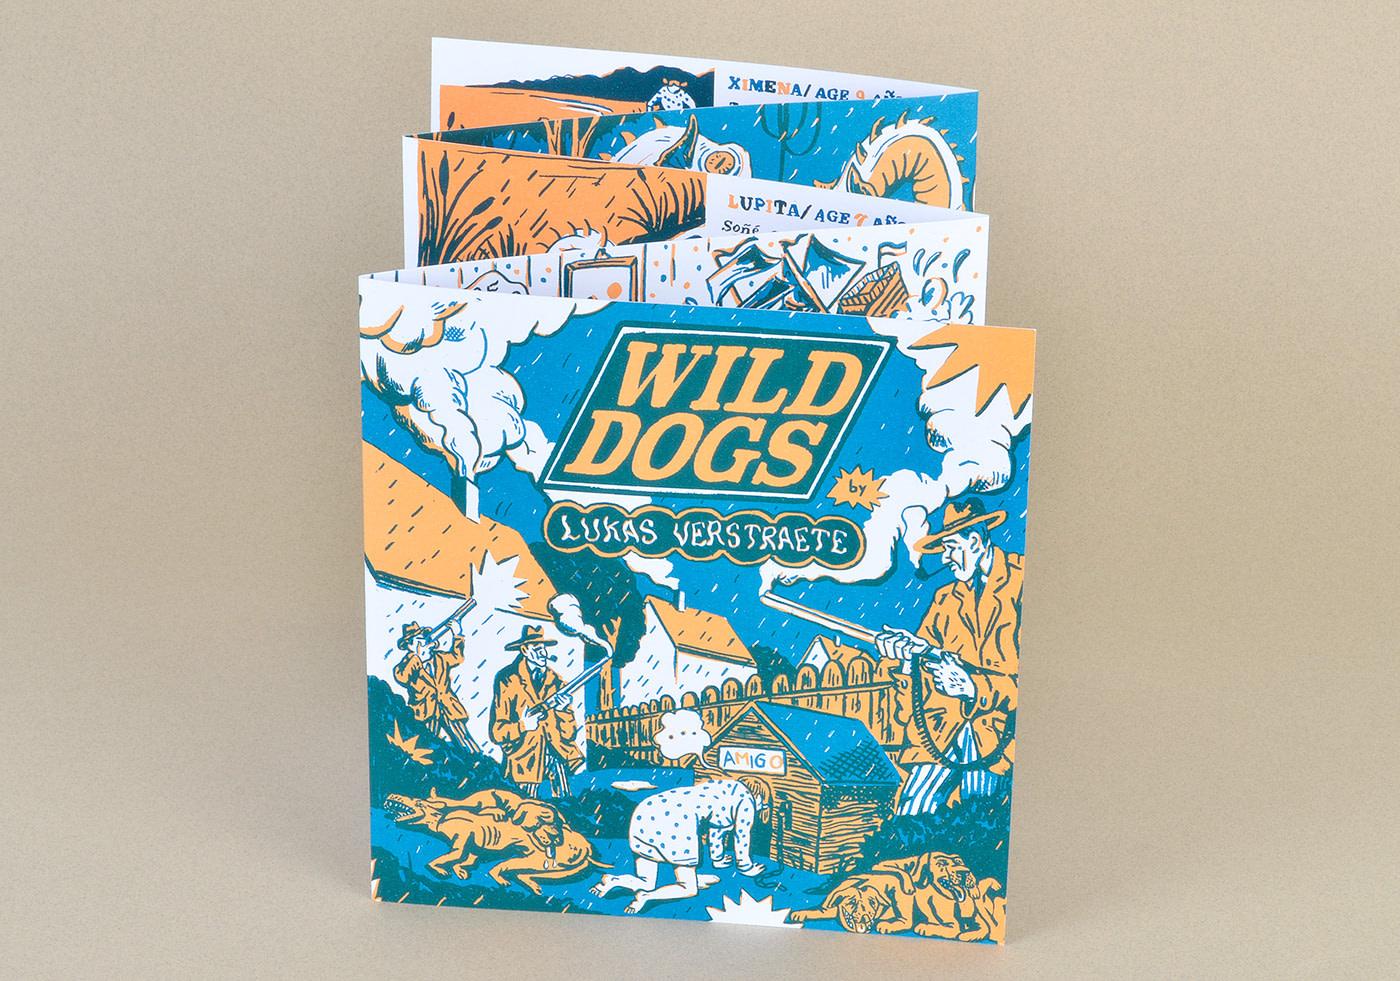 Wild Dogs - Lukas Verstraete